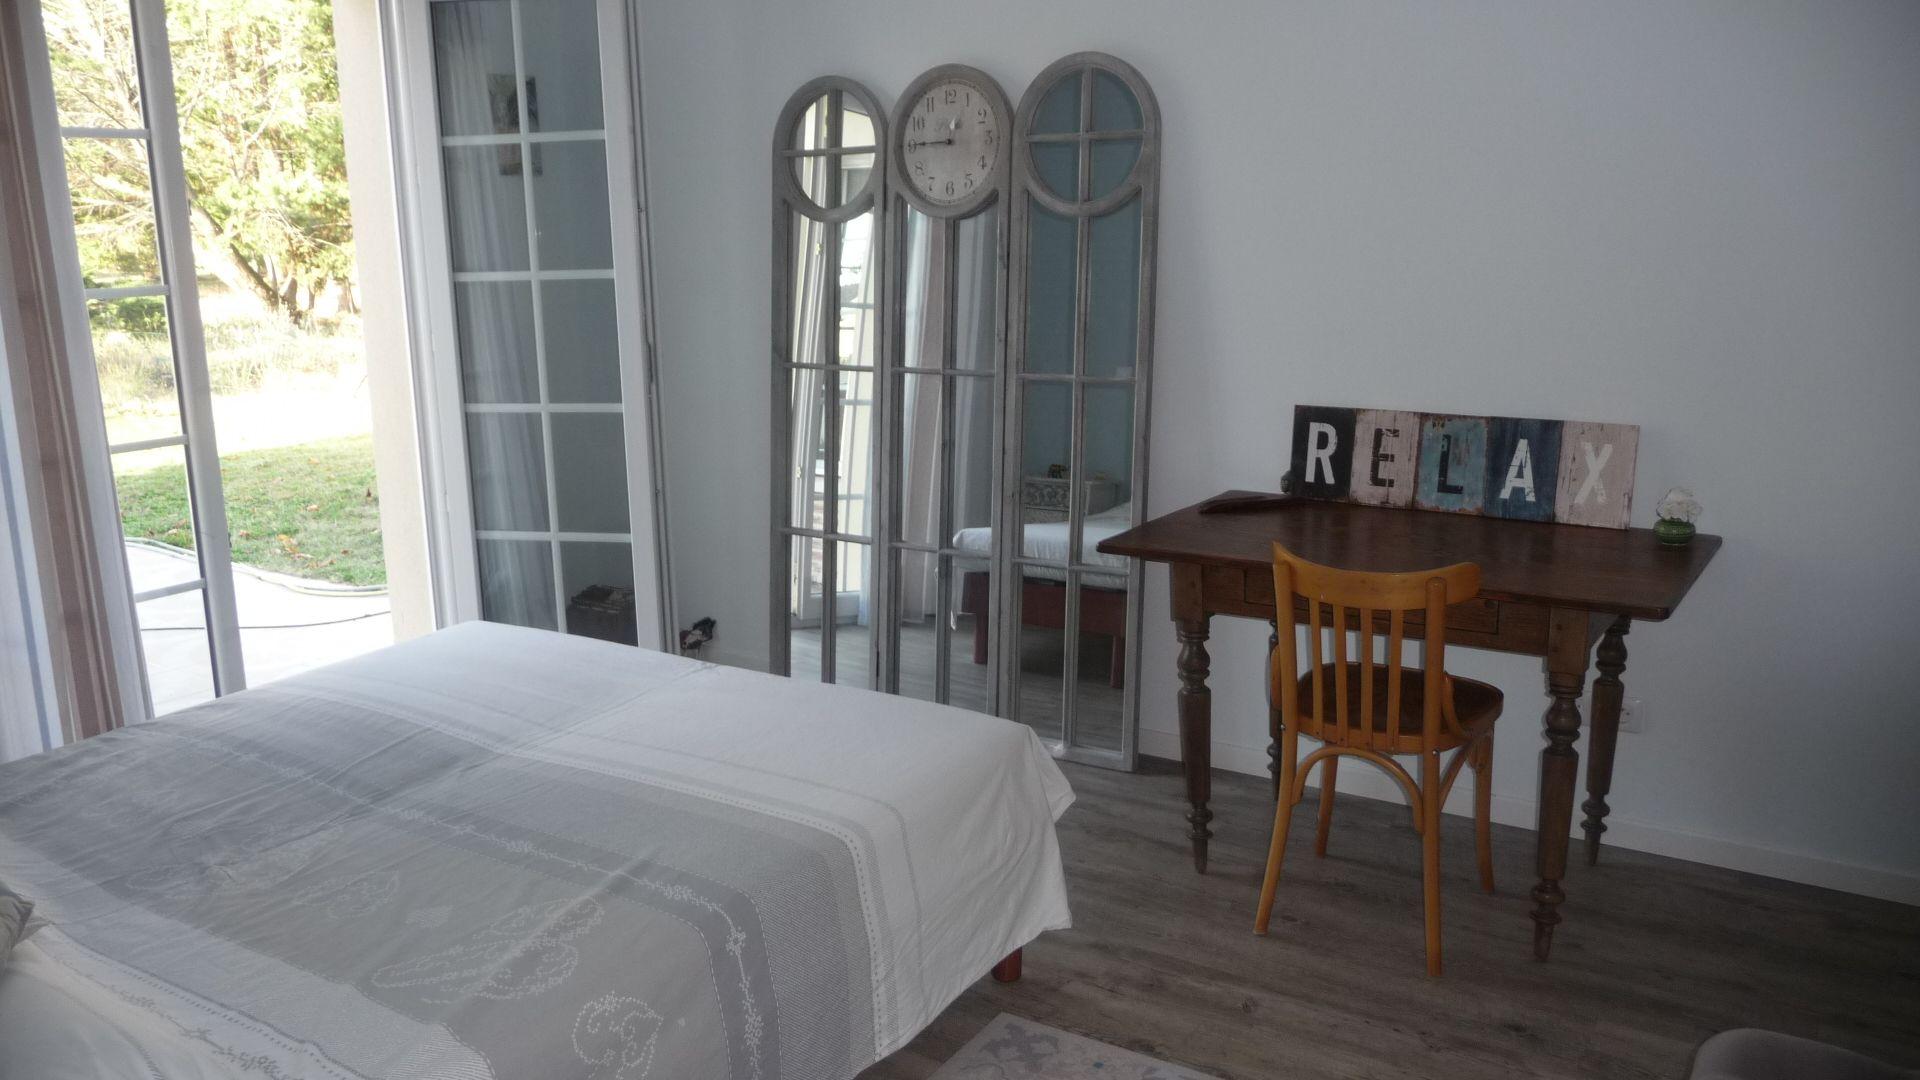 Colocation Ambarès-et-Lagrave 60PLUS & Location Chambre à louer Ambarès-et-Lagrave 60PLUS | Loue chambre meublée Ambarès-et-Lagrave 60PLUS | Logement Ambarès-et-Lagrave 60PLUS